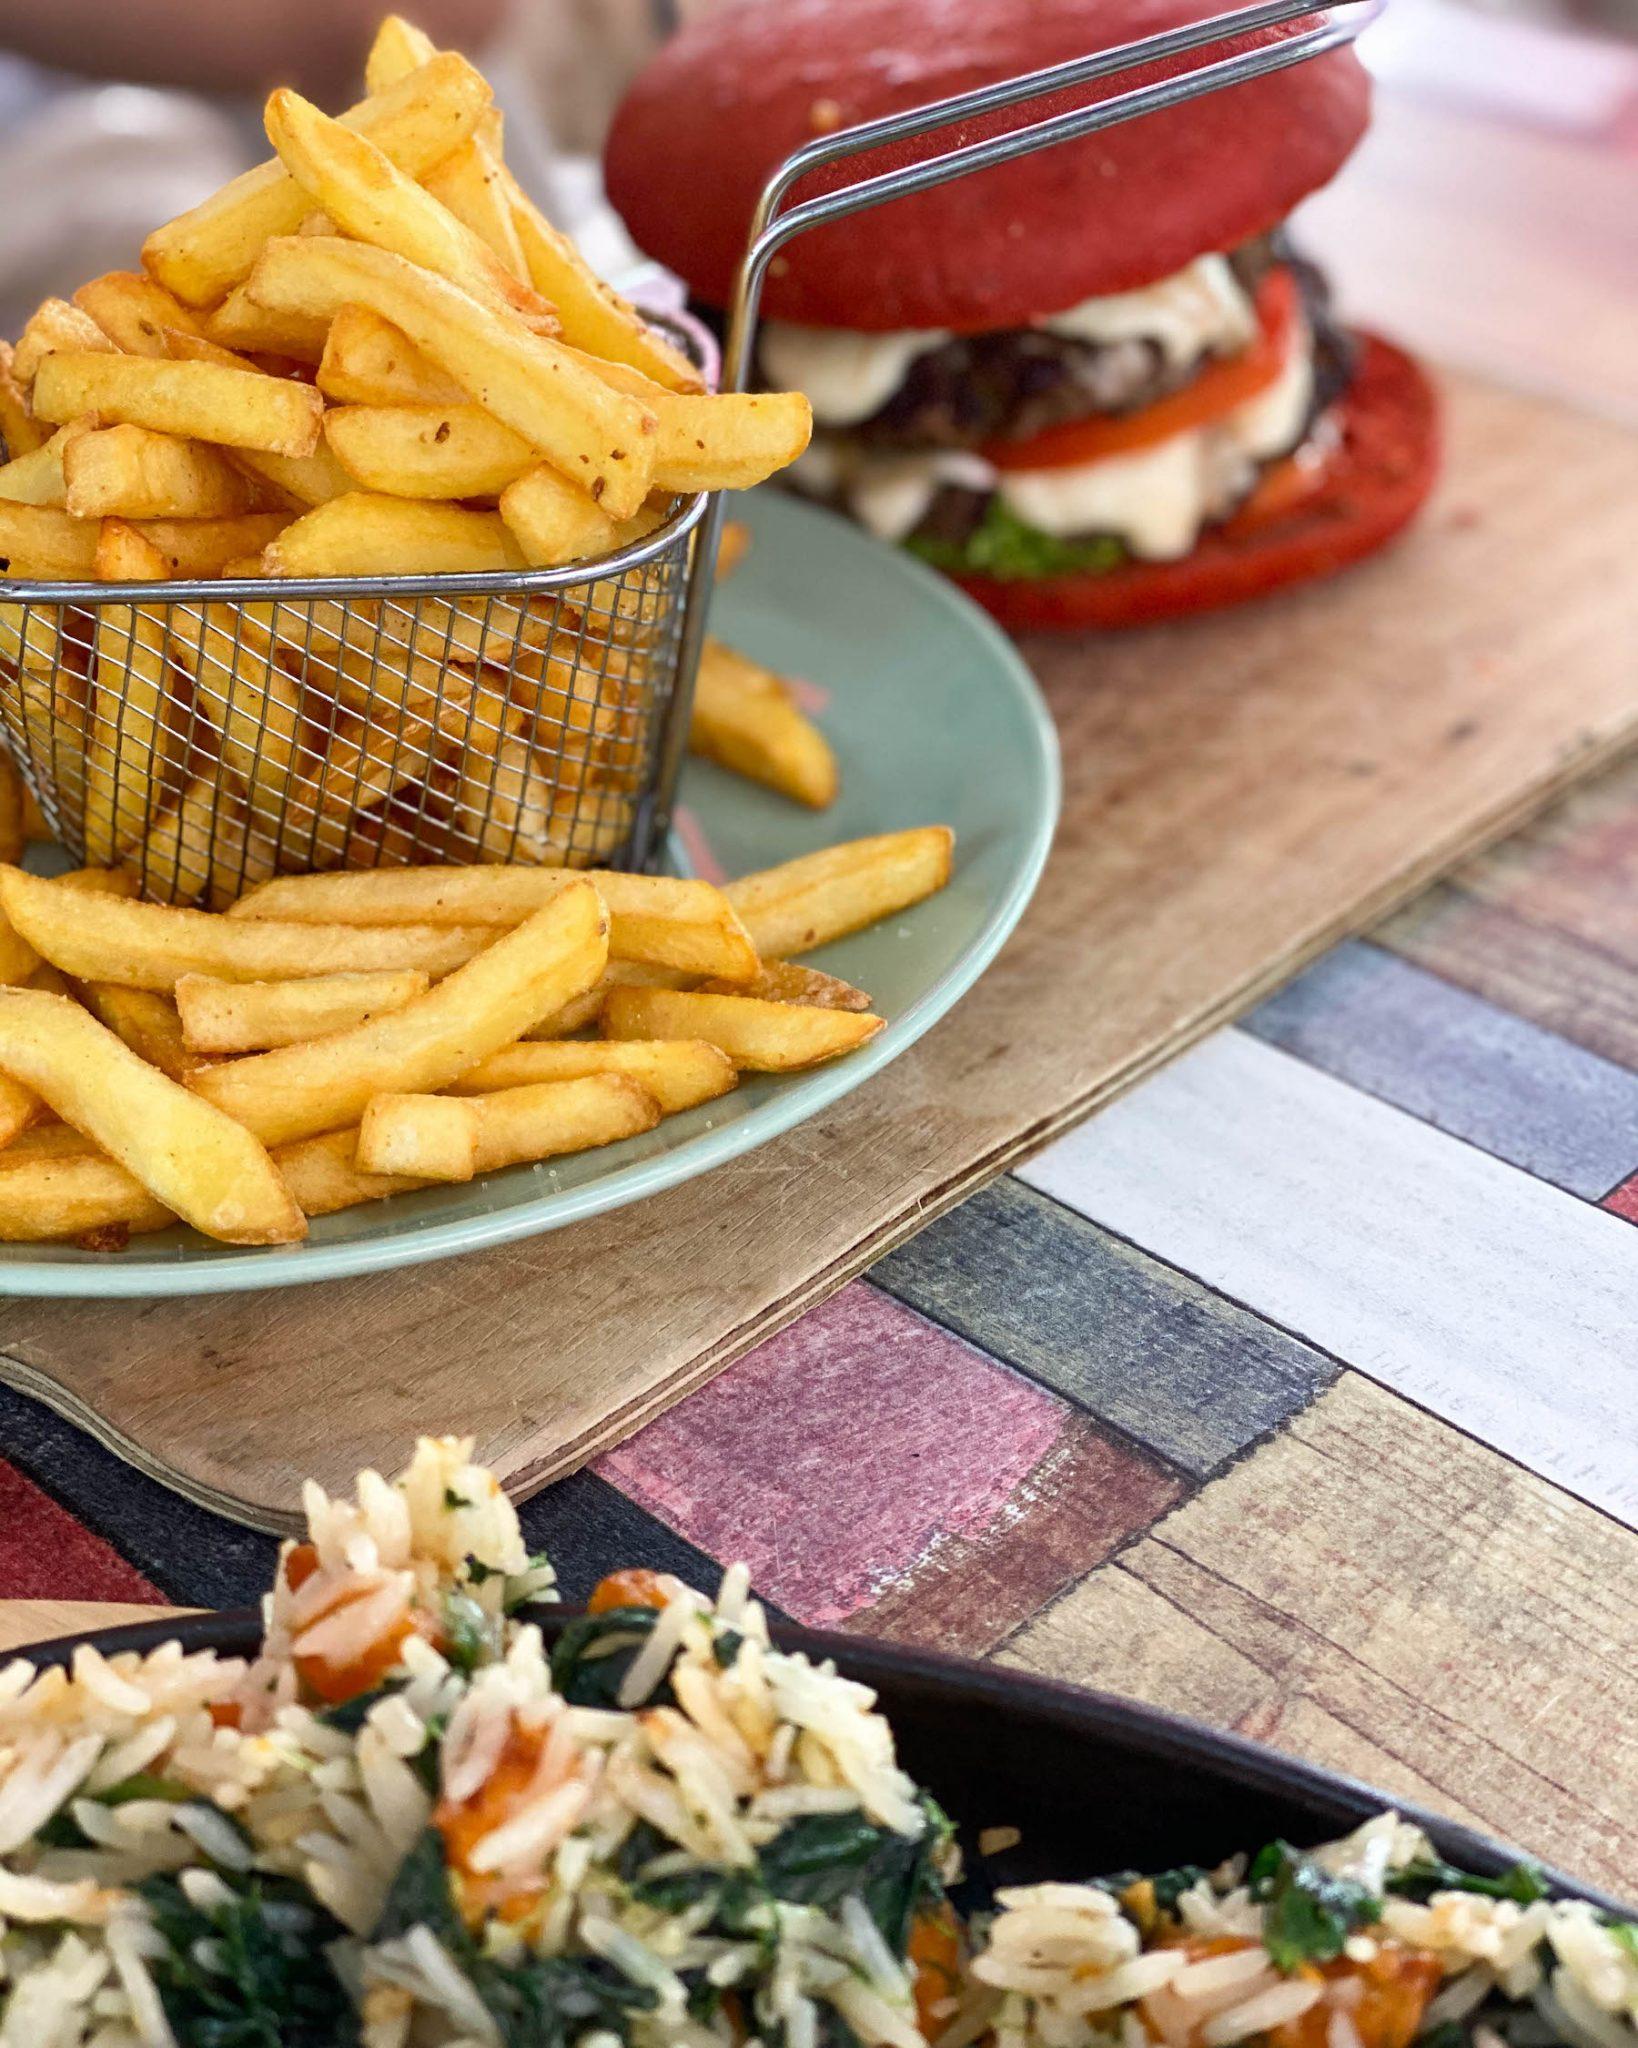 suelovesnyc_restaurants_auf_usedom_restaurant_tipps_fur_usedom_restaurant_tipps_fuer_usedom_sarahs_mediterranean_secret